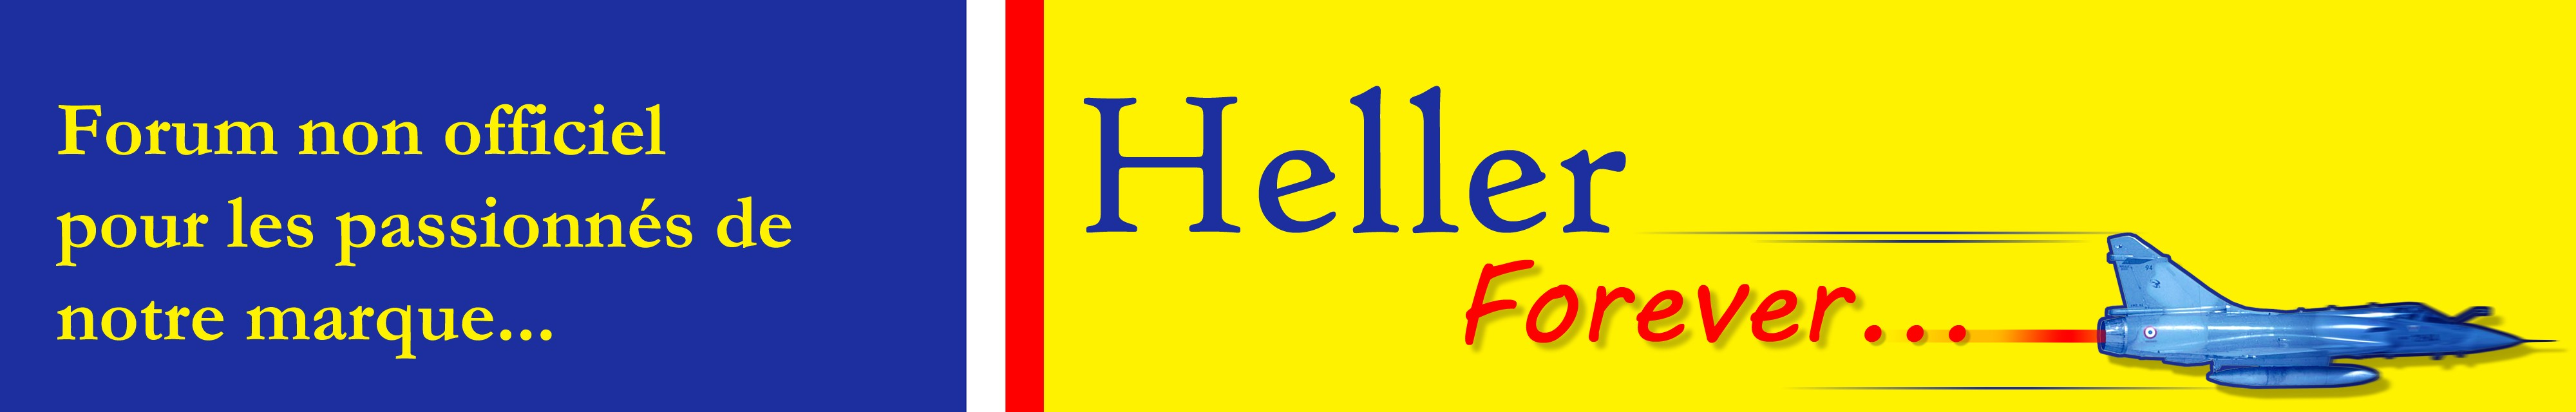 kit HELLER-FOREVER pour les expos  Bandea10